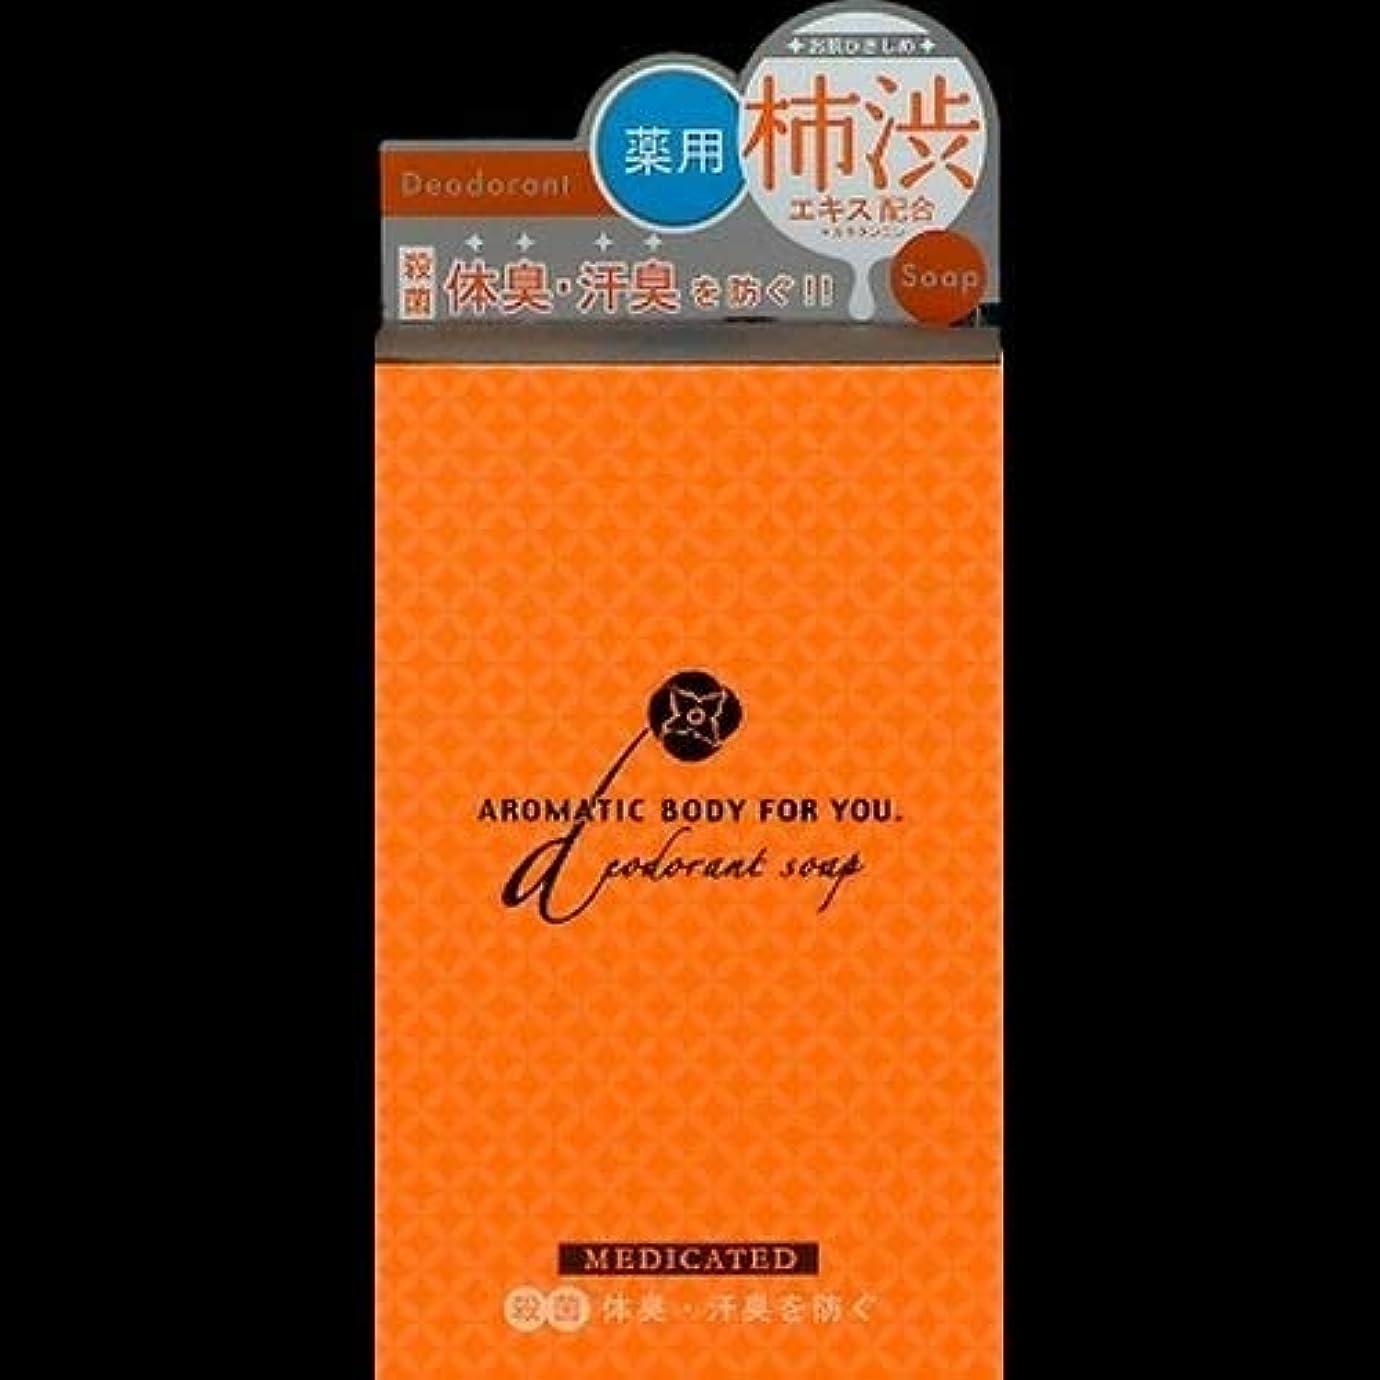 氷正しくサージペリカン 柿渋エキス配合 アロマティックBソープ 100g ×2セット